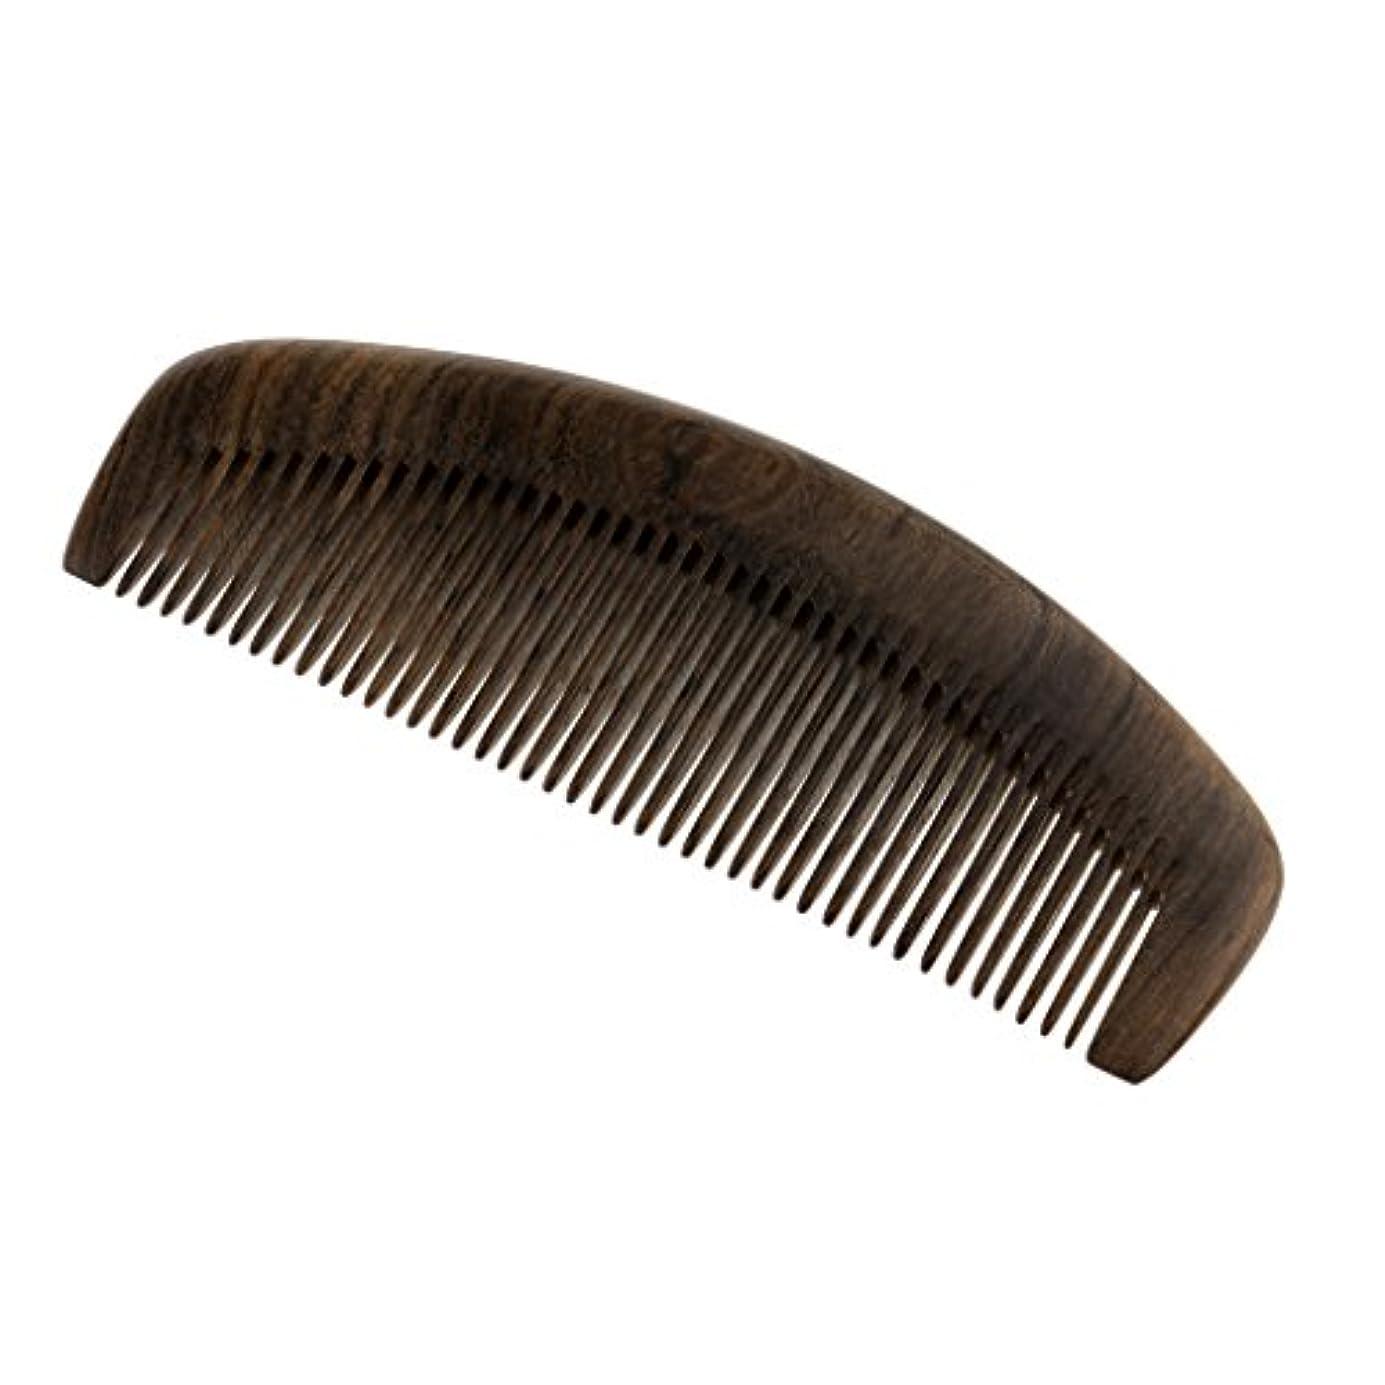 抵抗スティック洞察力Toygogo ナチュラルチャケートプレトヘアマッサージコーム木製ポケットヘアブラシ細かい歯